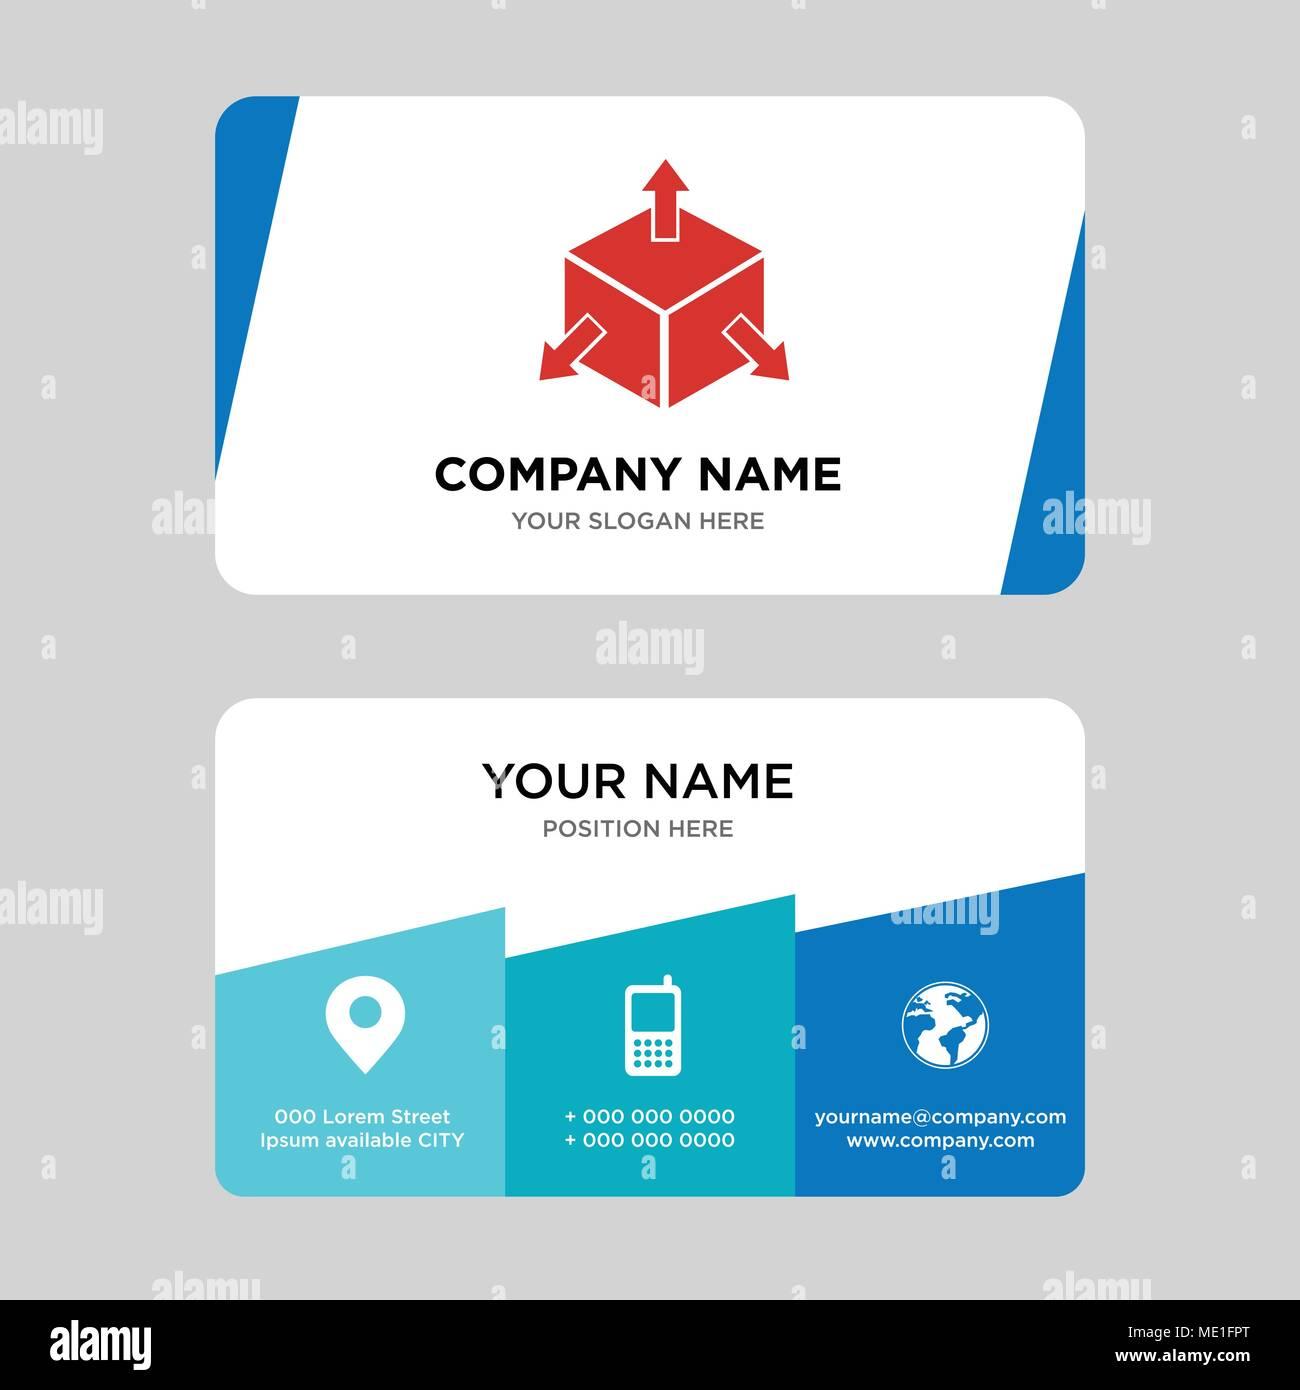 Cube Livraison Box Avec Quatre Fleches Dans Differentes Directions Carte De Visite Modele Conception Pour Votre Entreprise Moderne Et Propre Creatif